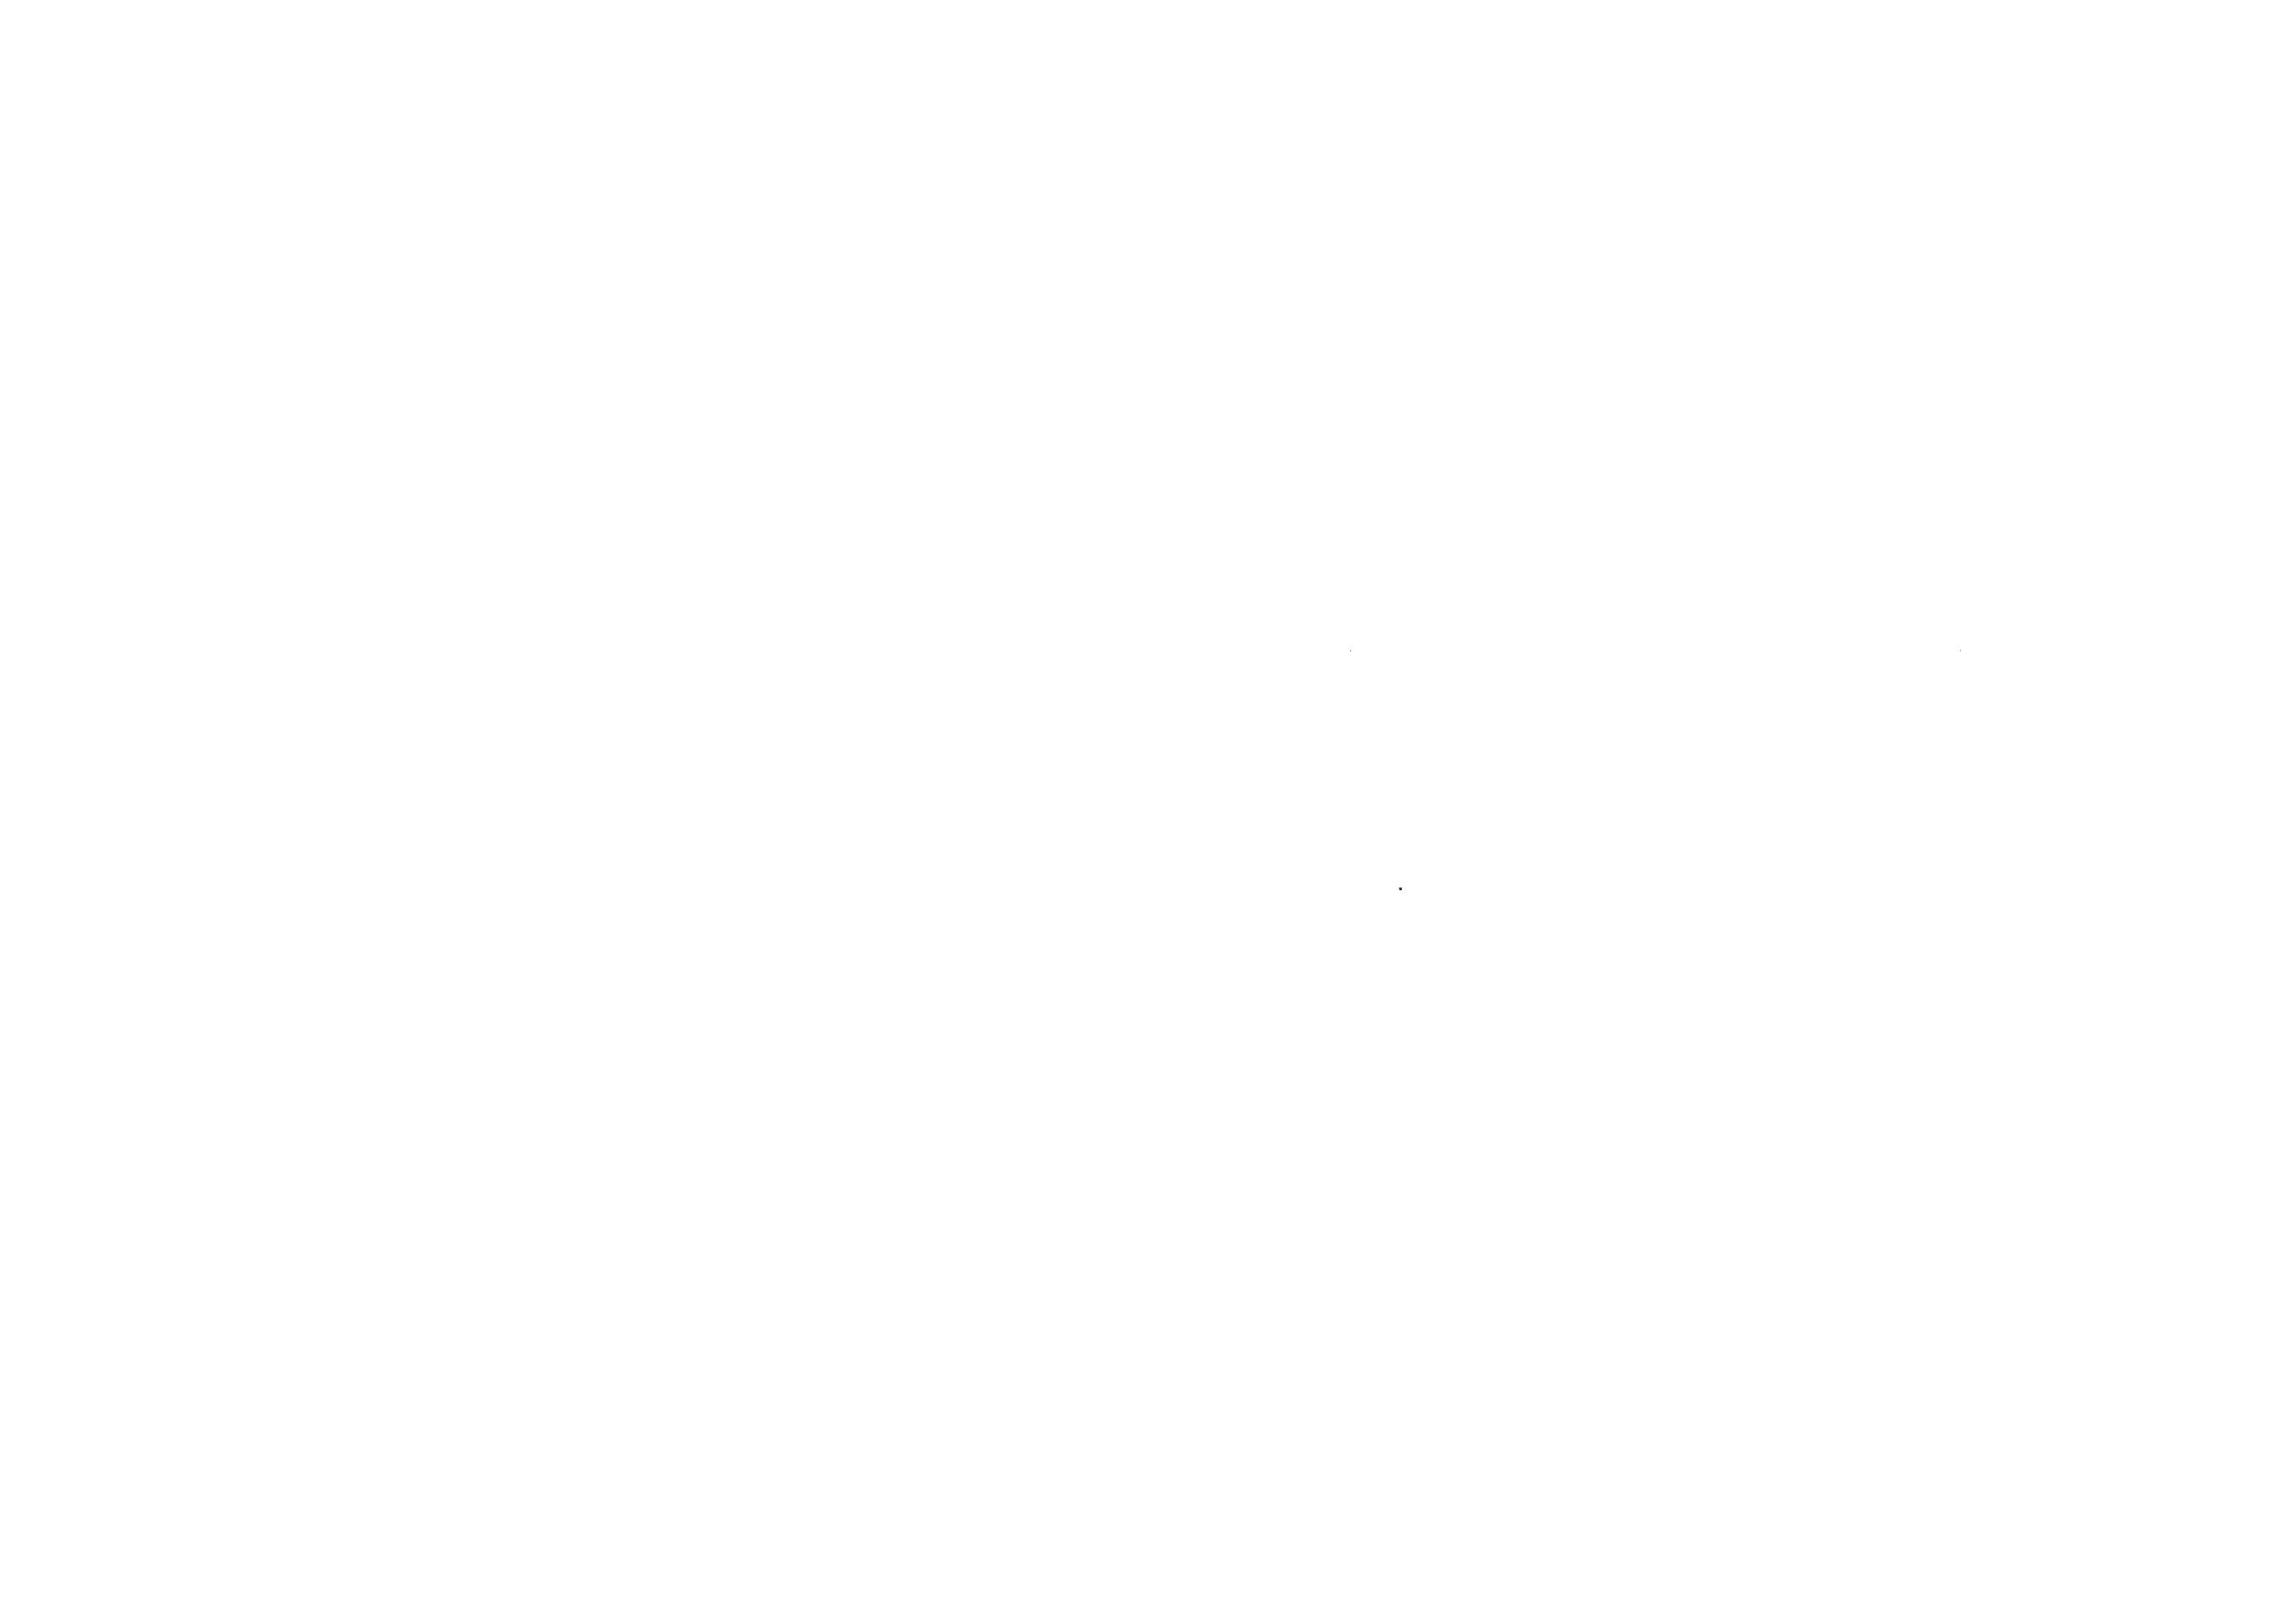 Einer_logo_transparent_hvit-03.png